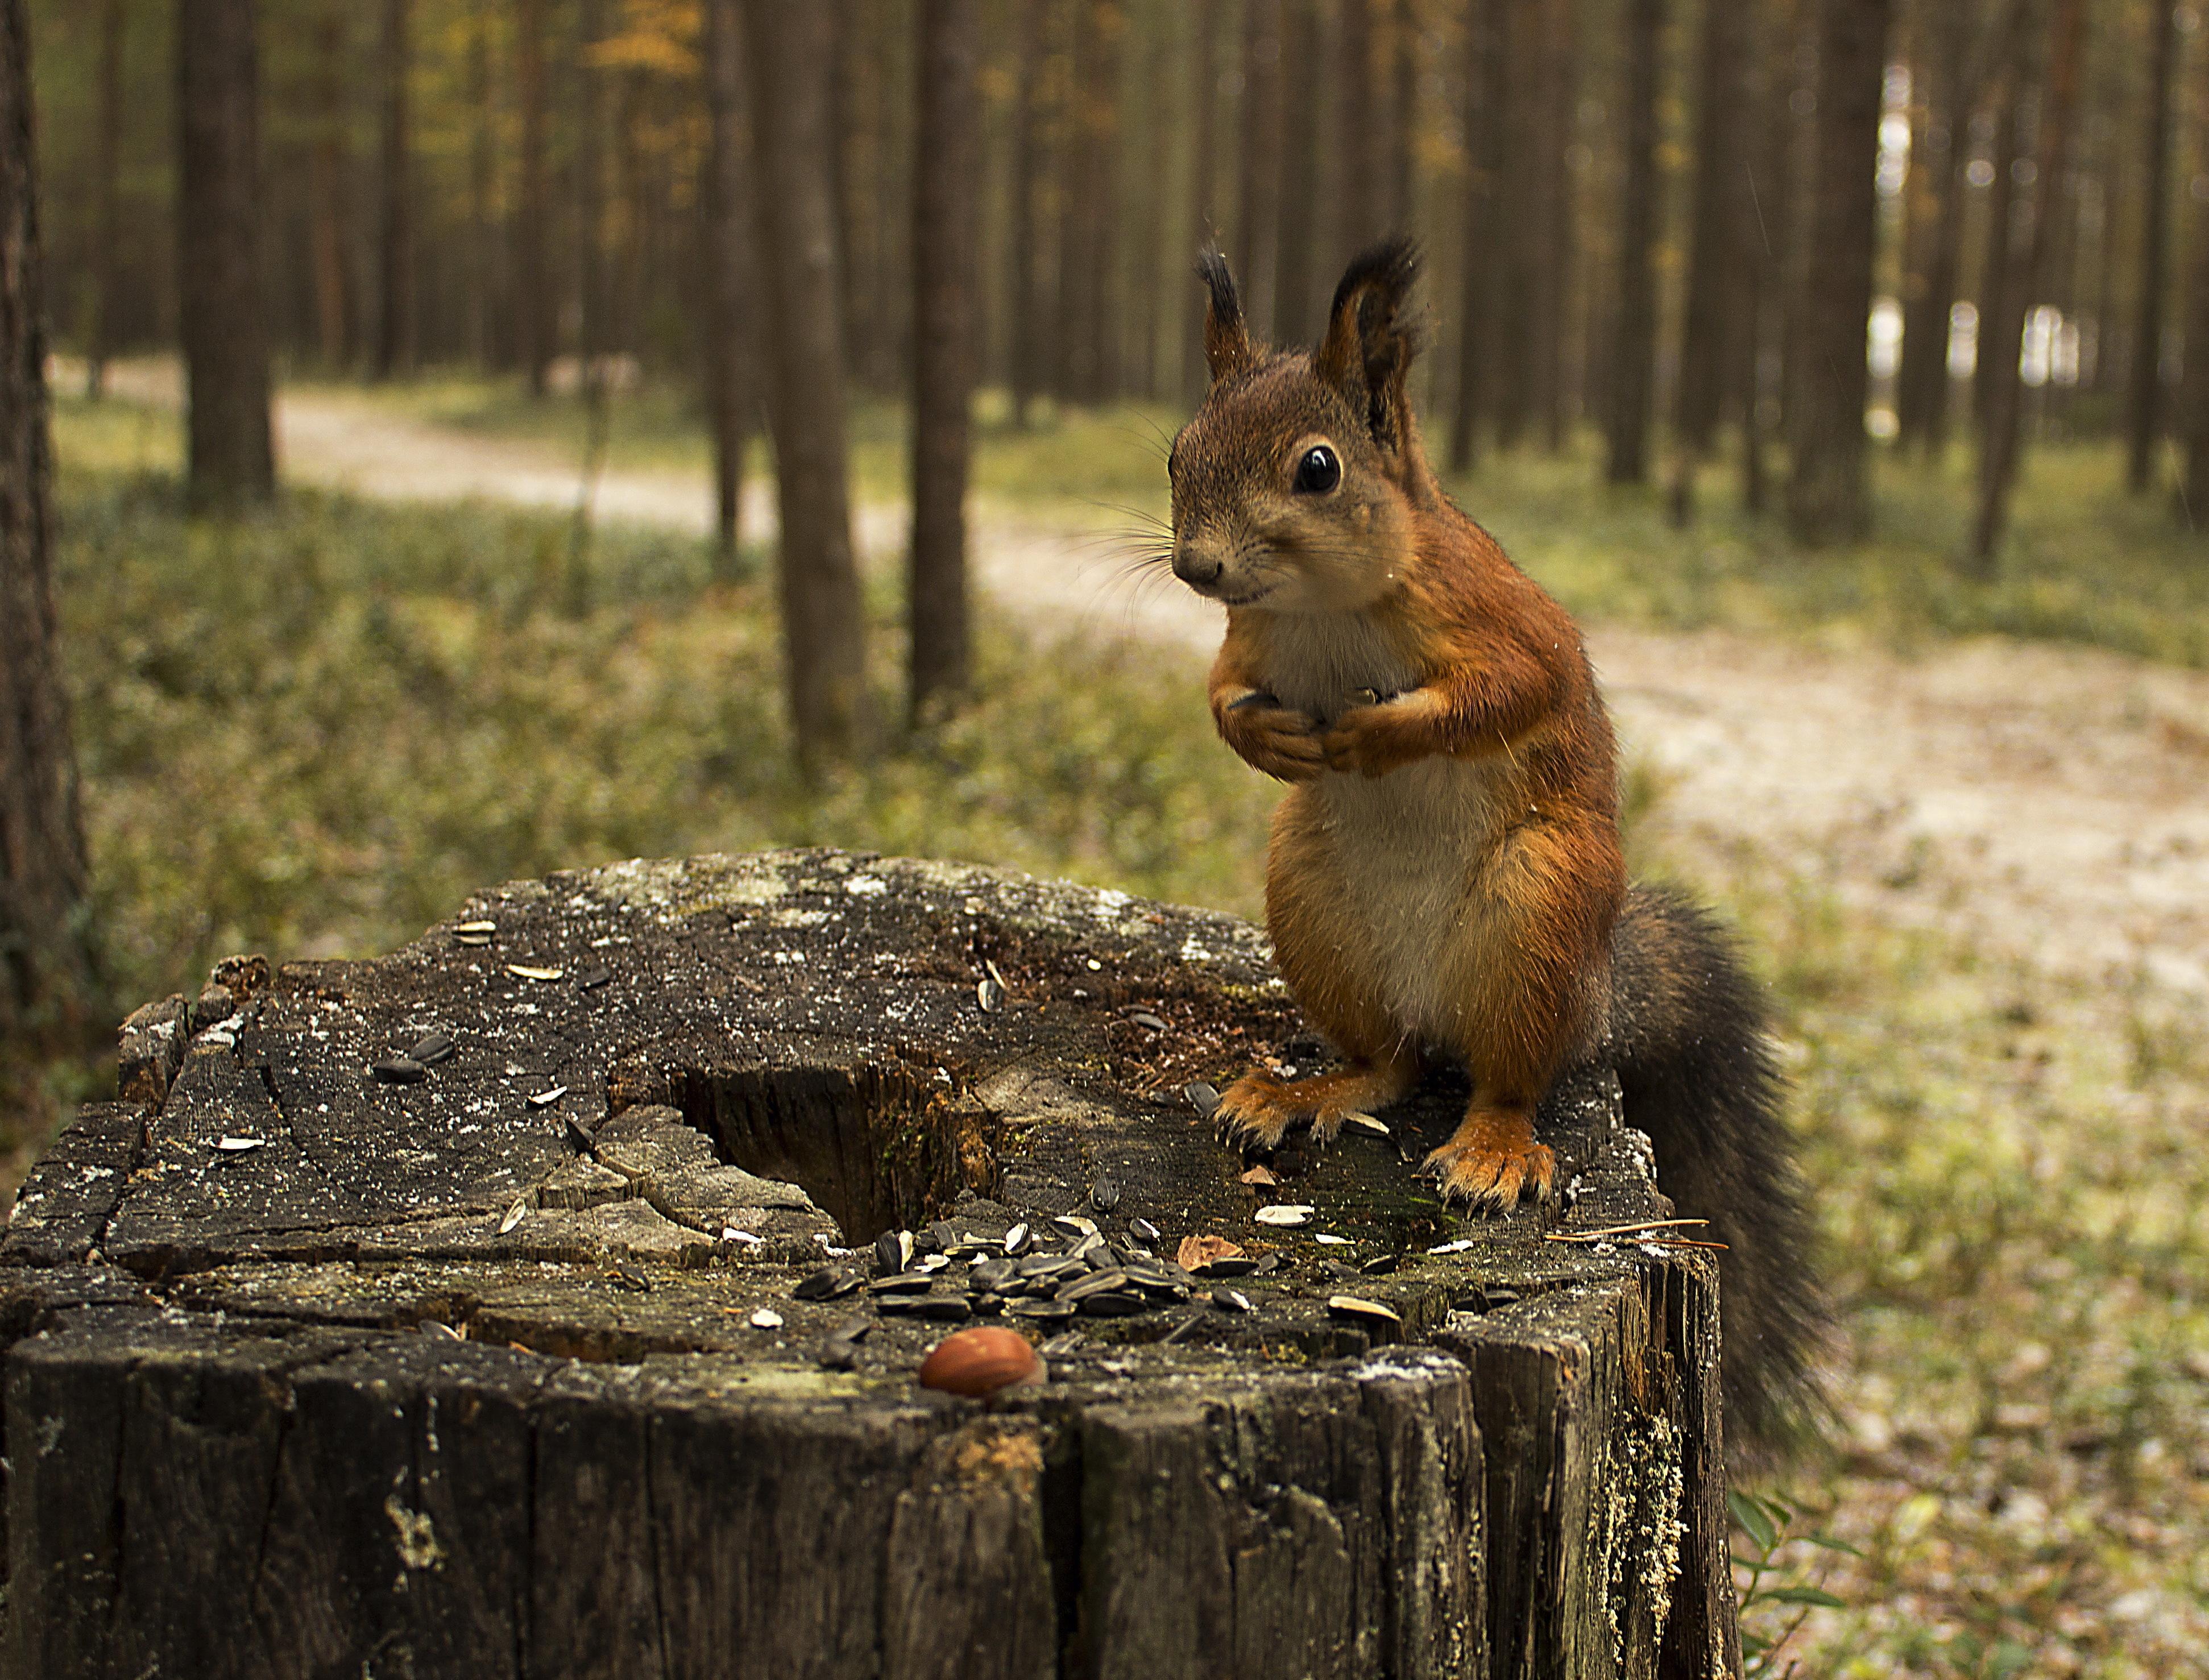 Картинки бельчата в лесу, смешные для